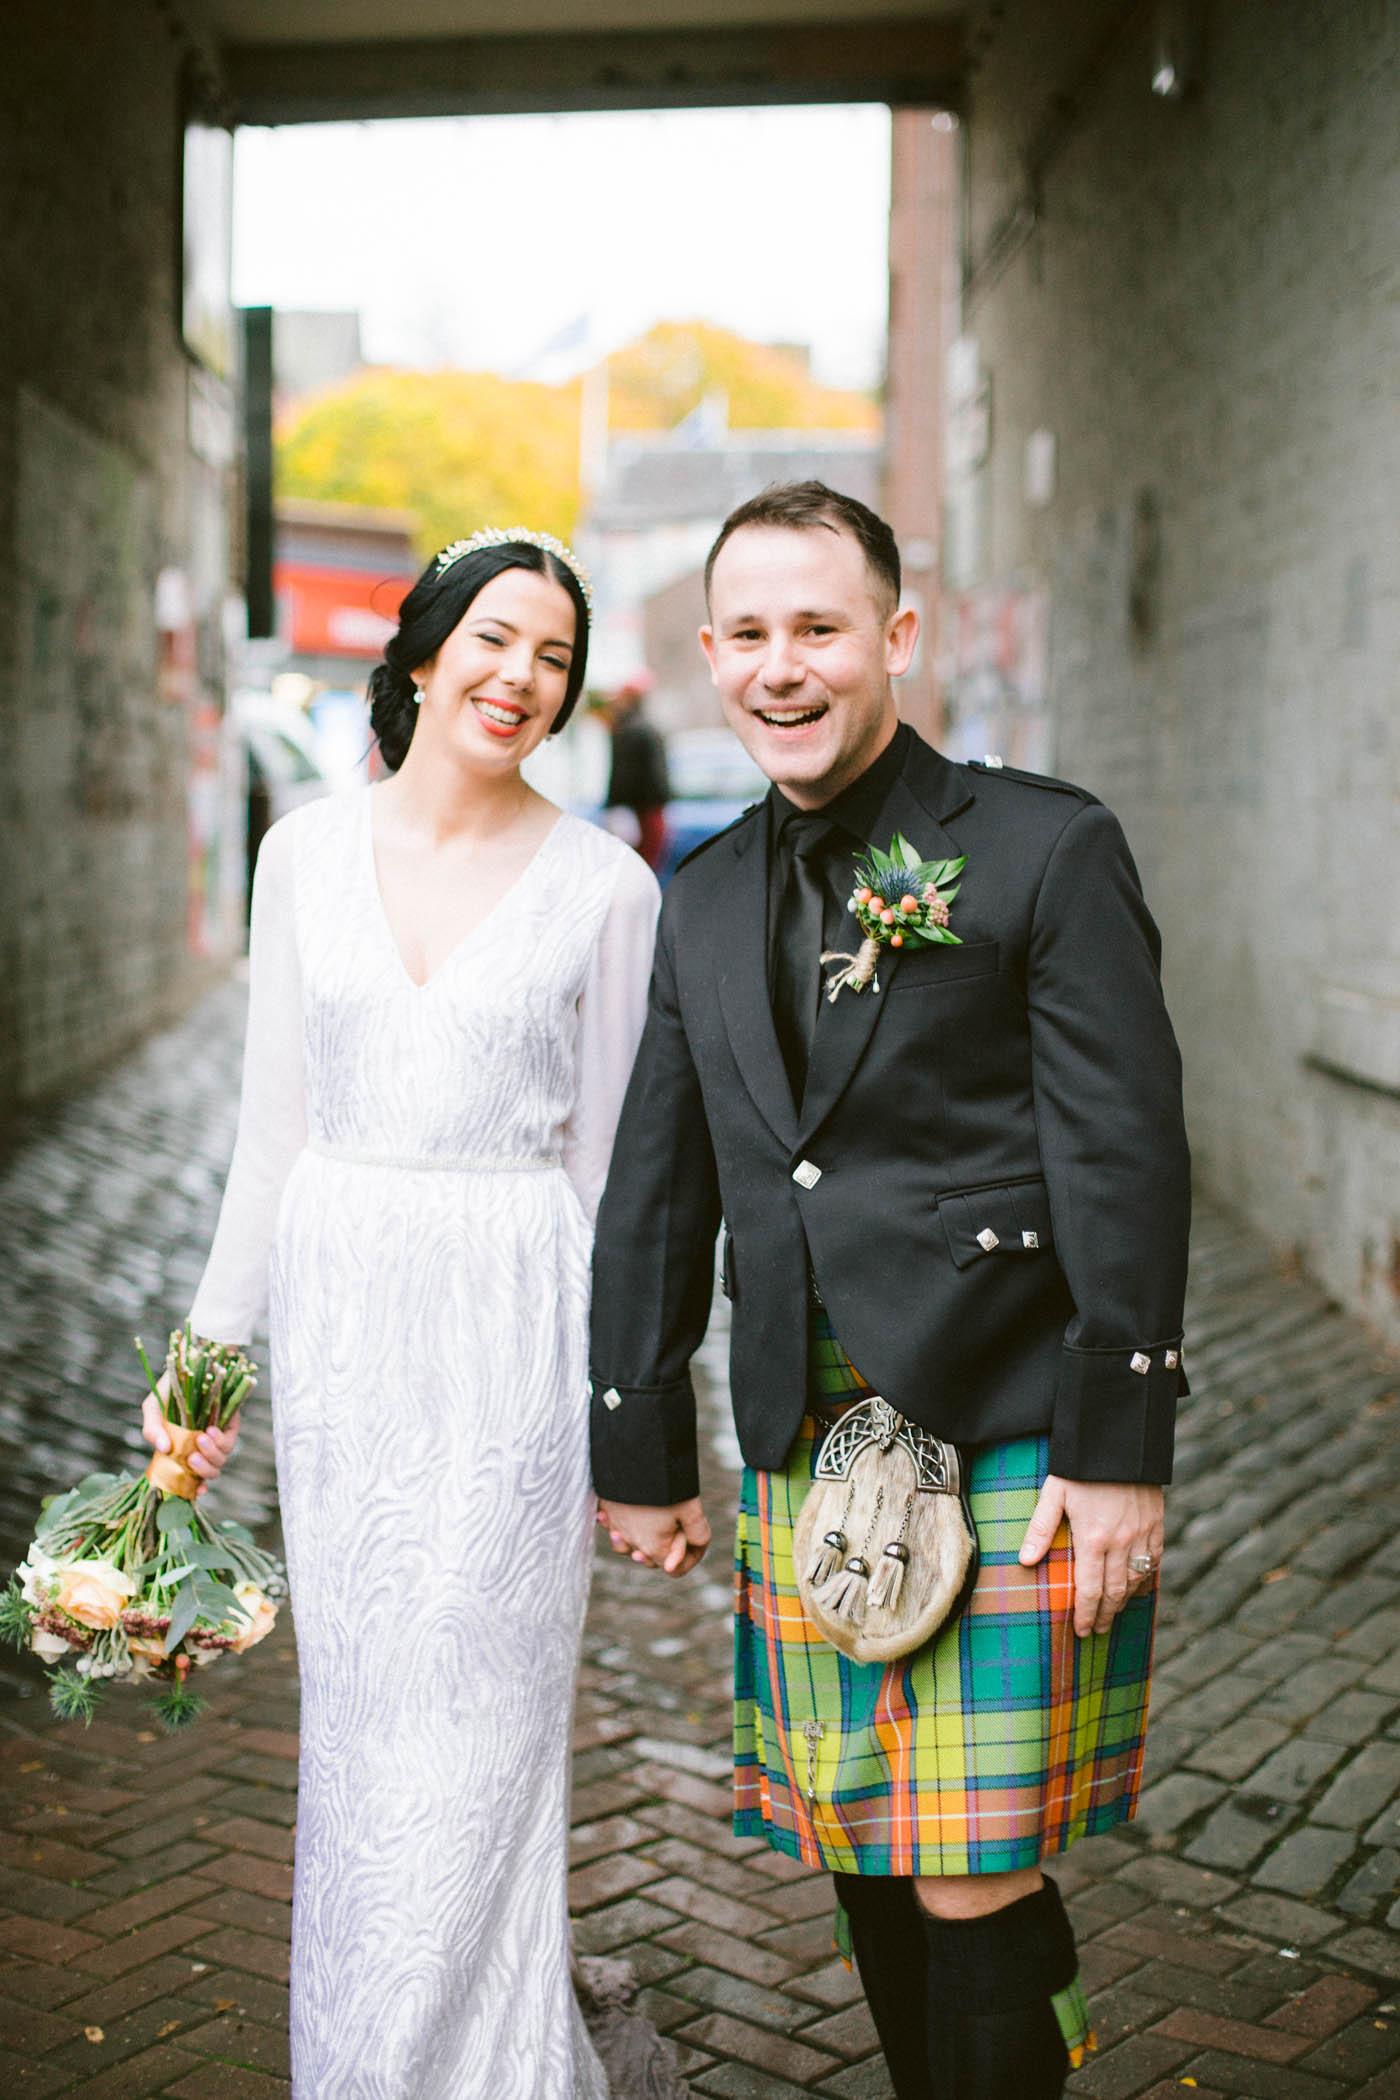 Glasgow fun wedding photography